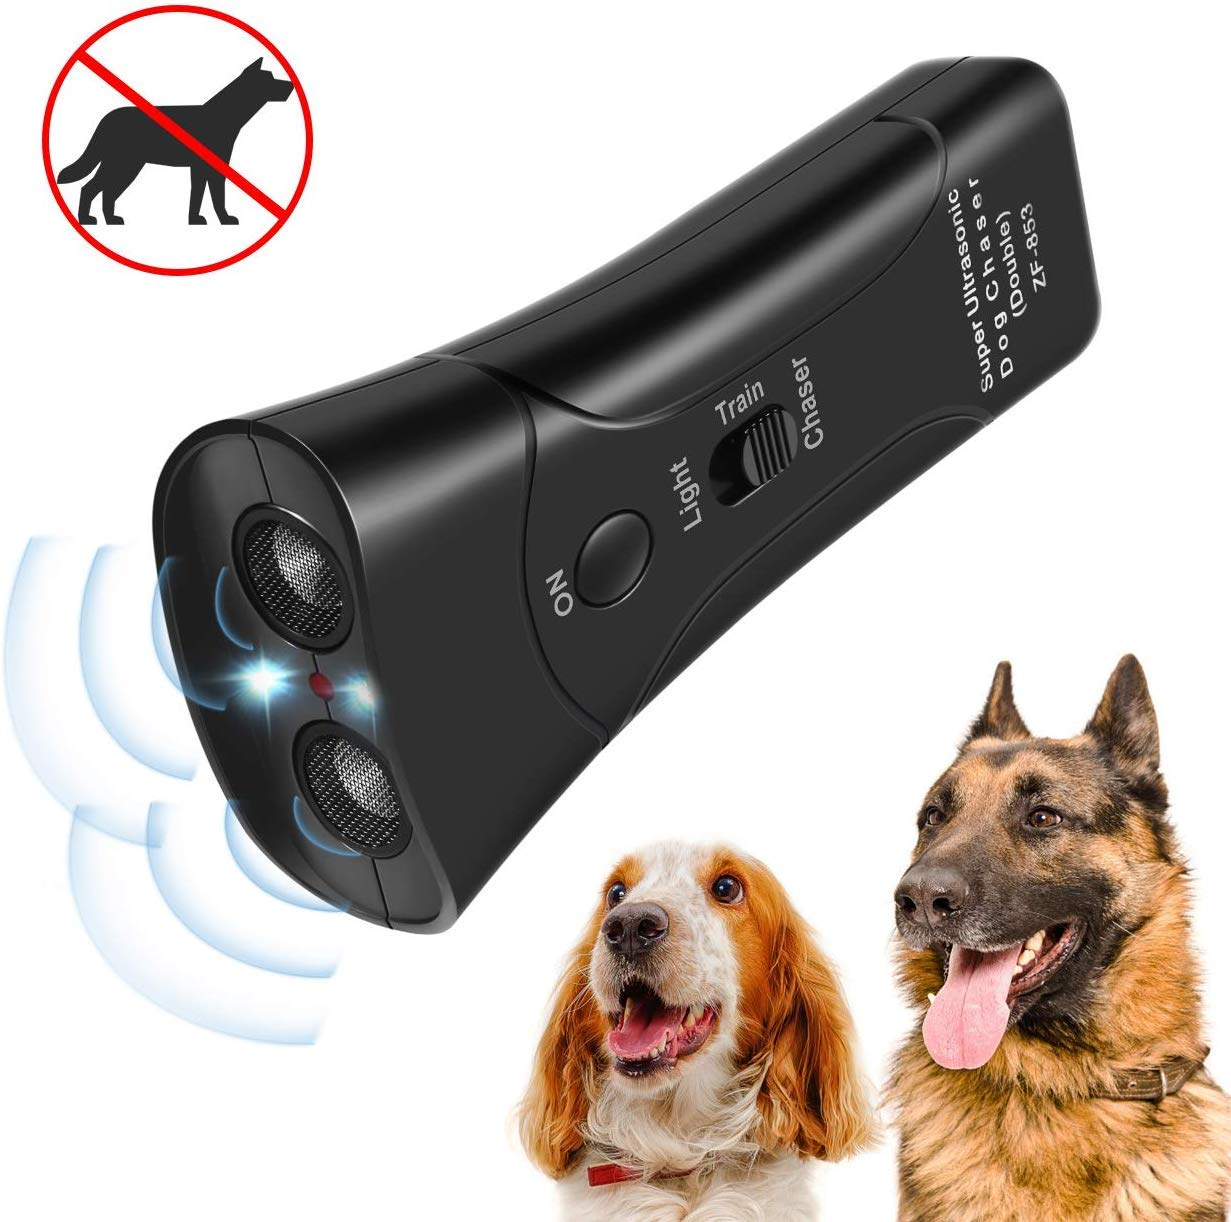 Zomma Handheld Dog Repellent, Ultrasonic Infrared Dog Deterrent, Bark Stopper + Good Behavior Dog Training